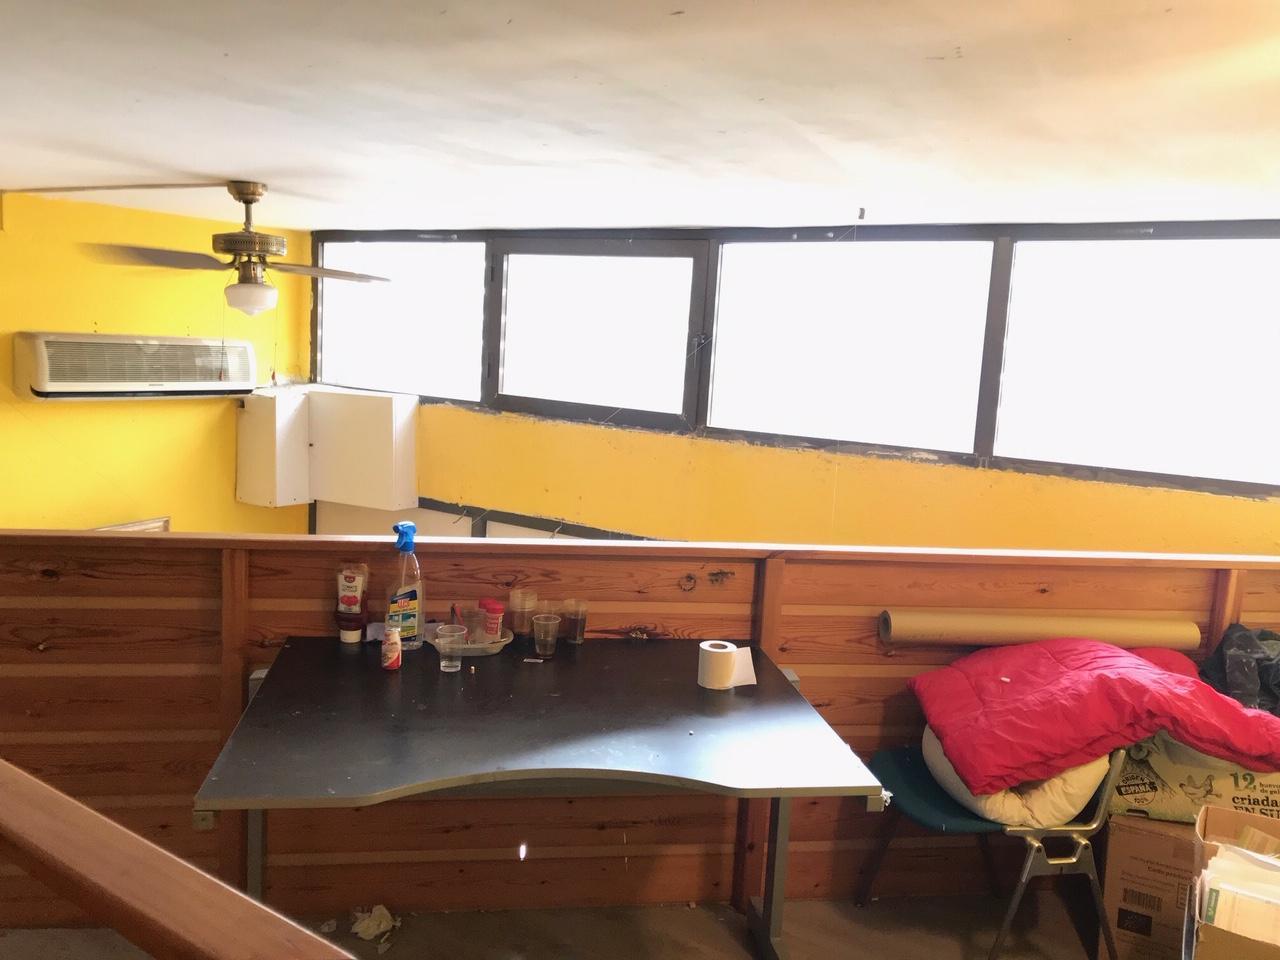 Miete Büro  Castelldefels - baixador. Local oficina en port ginesta